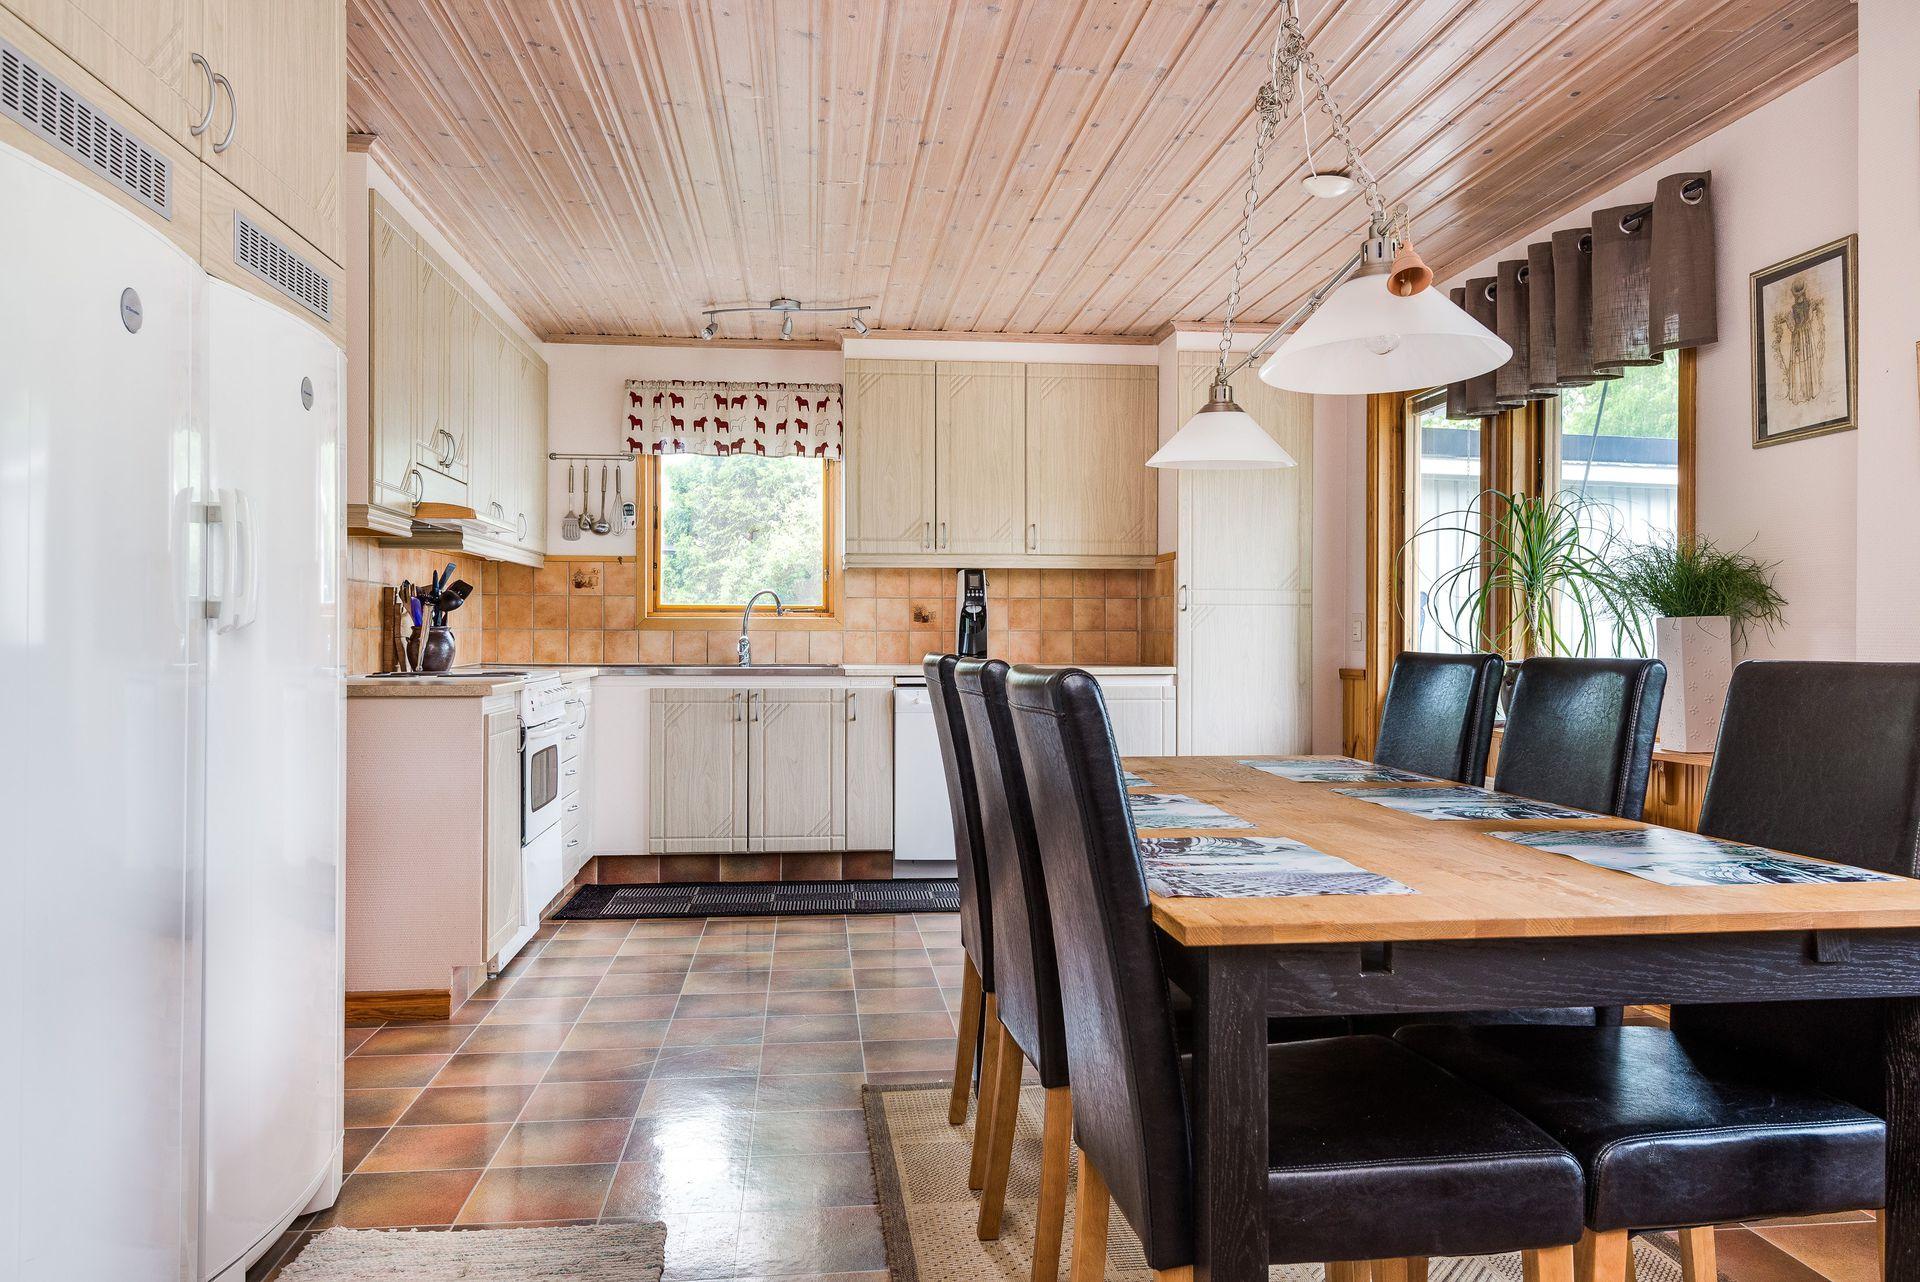 потолок из вагонки на кухне фото это